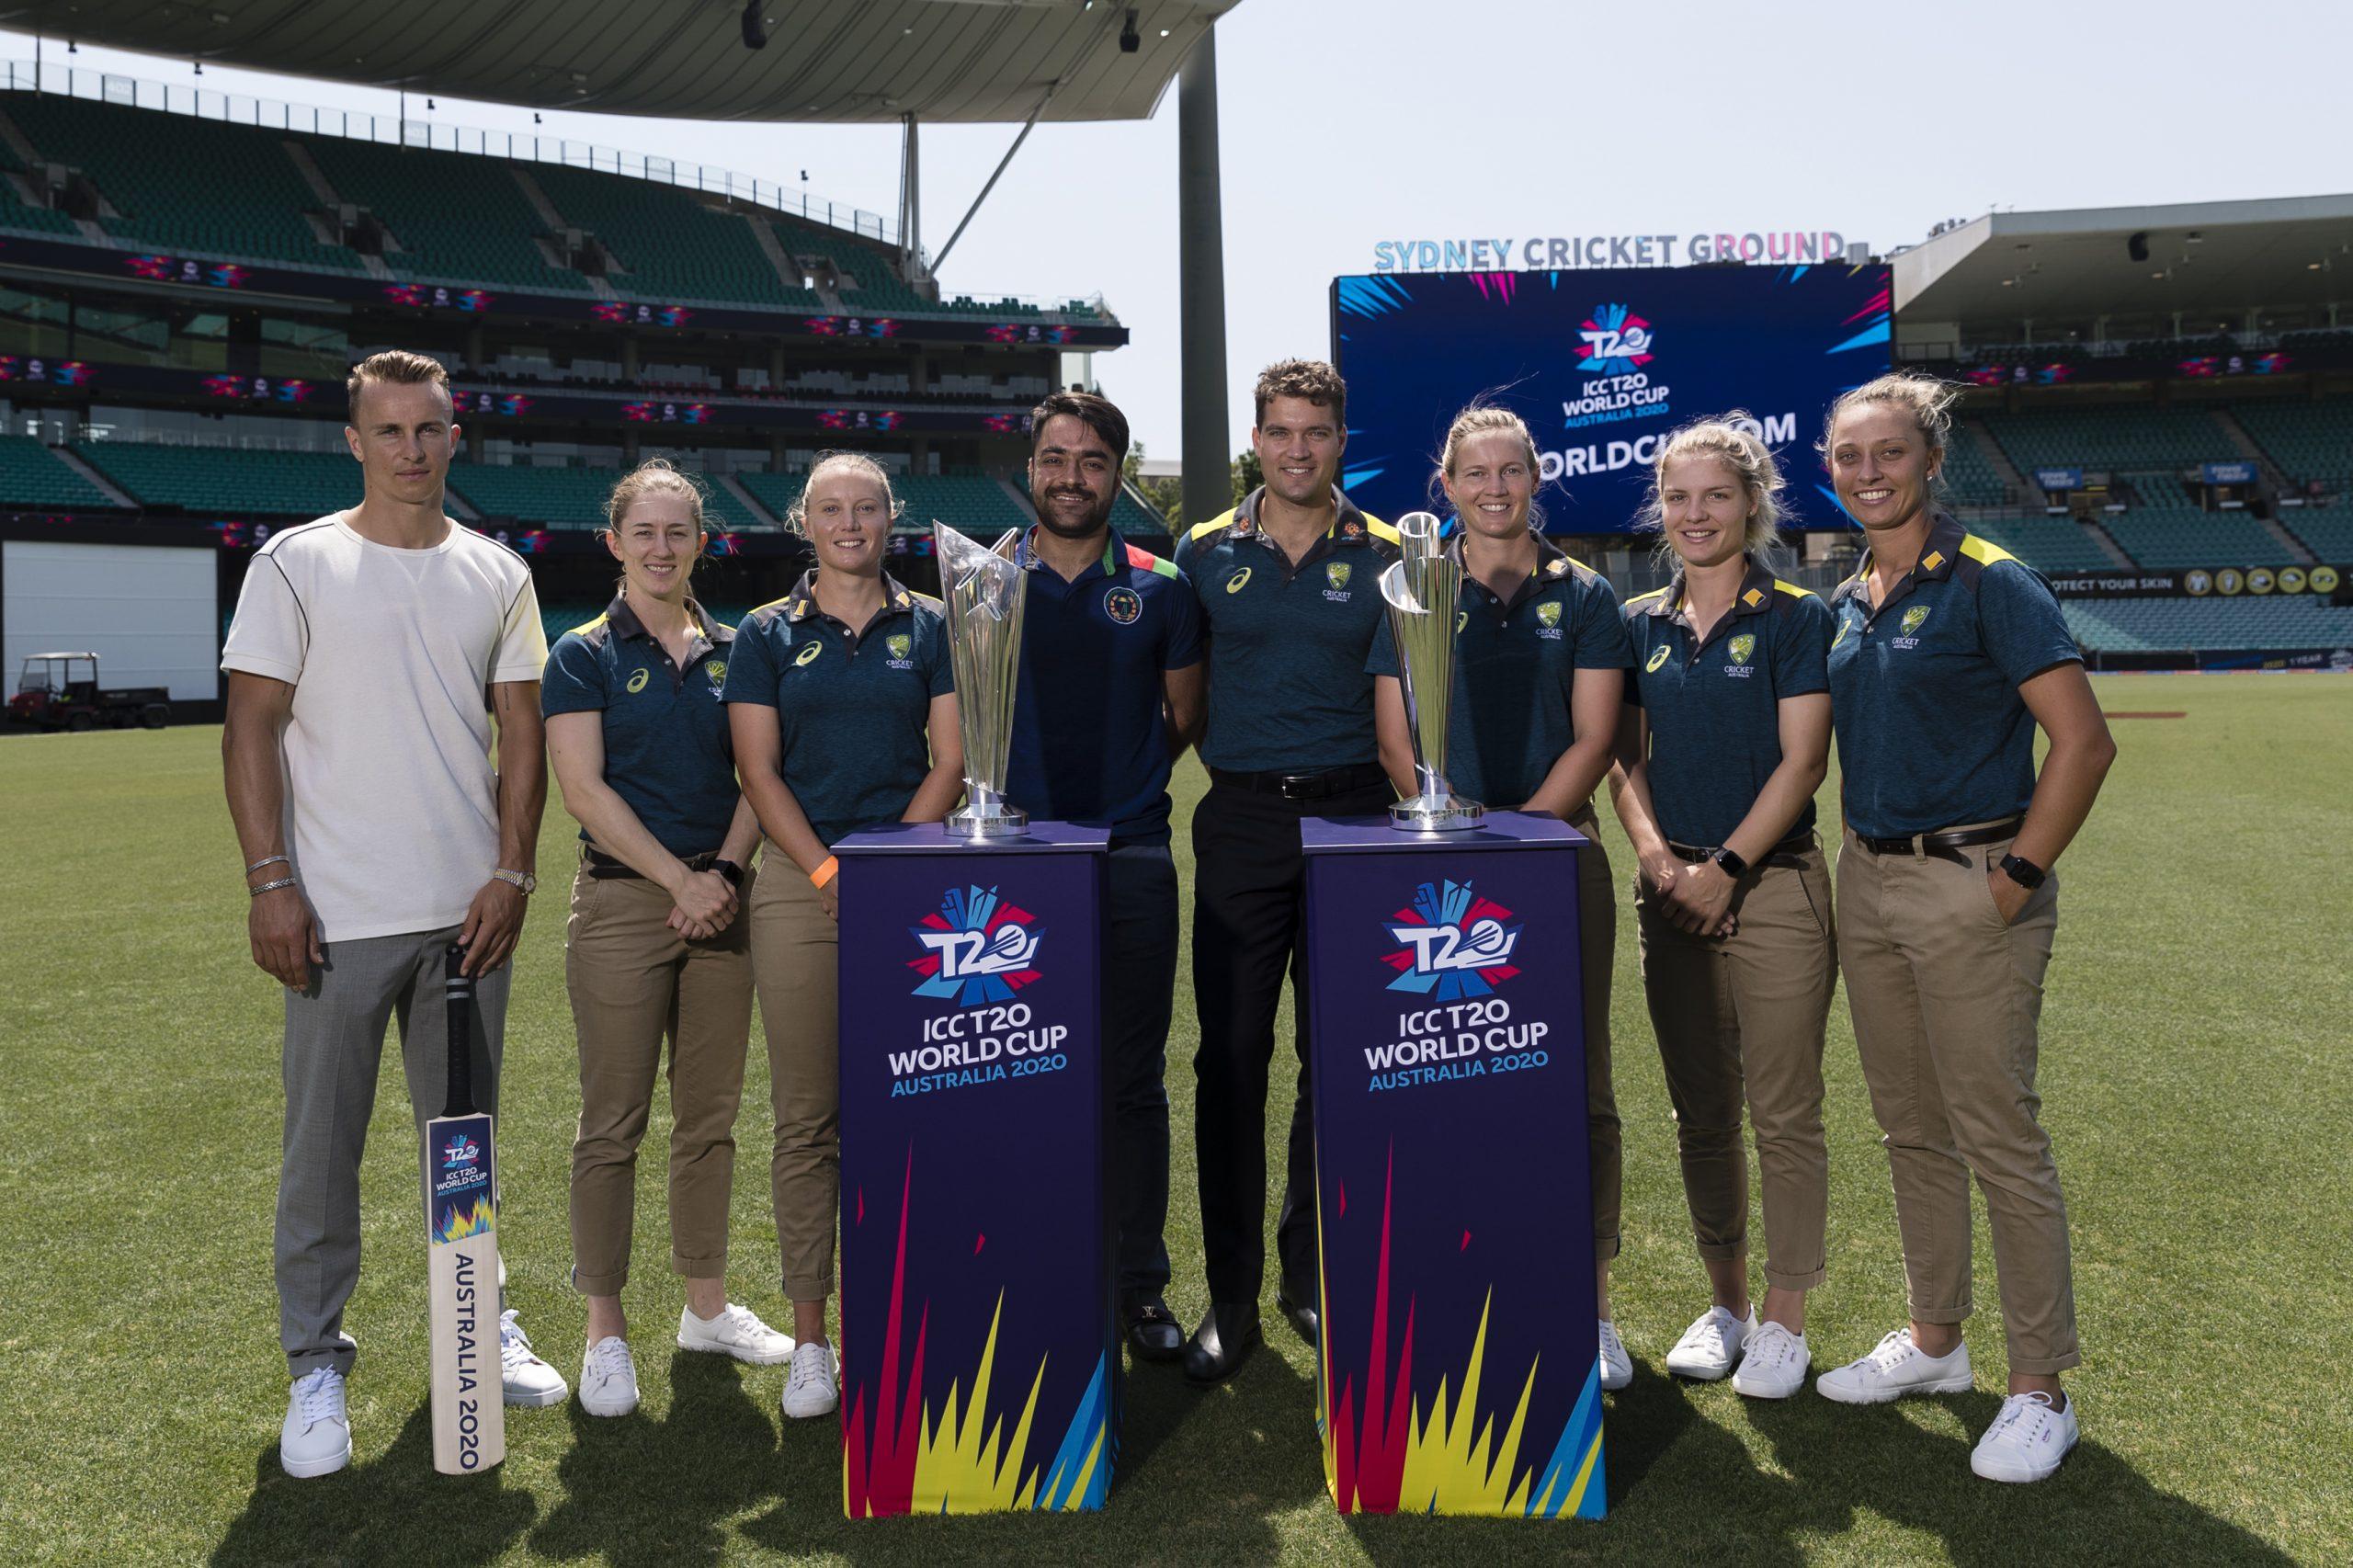 2020 ICC Men's T20